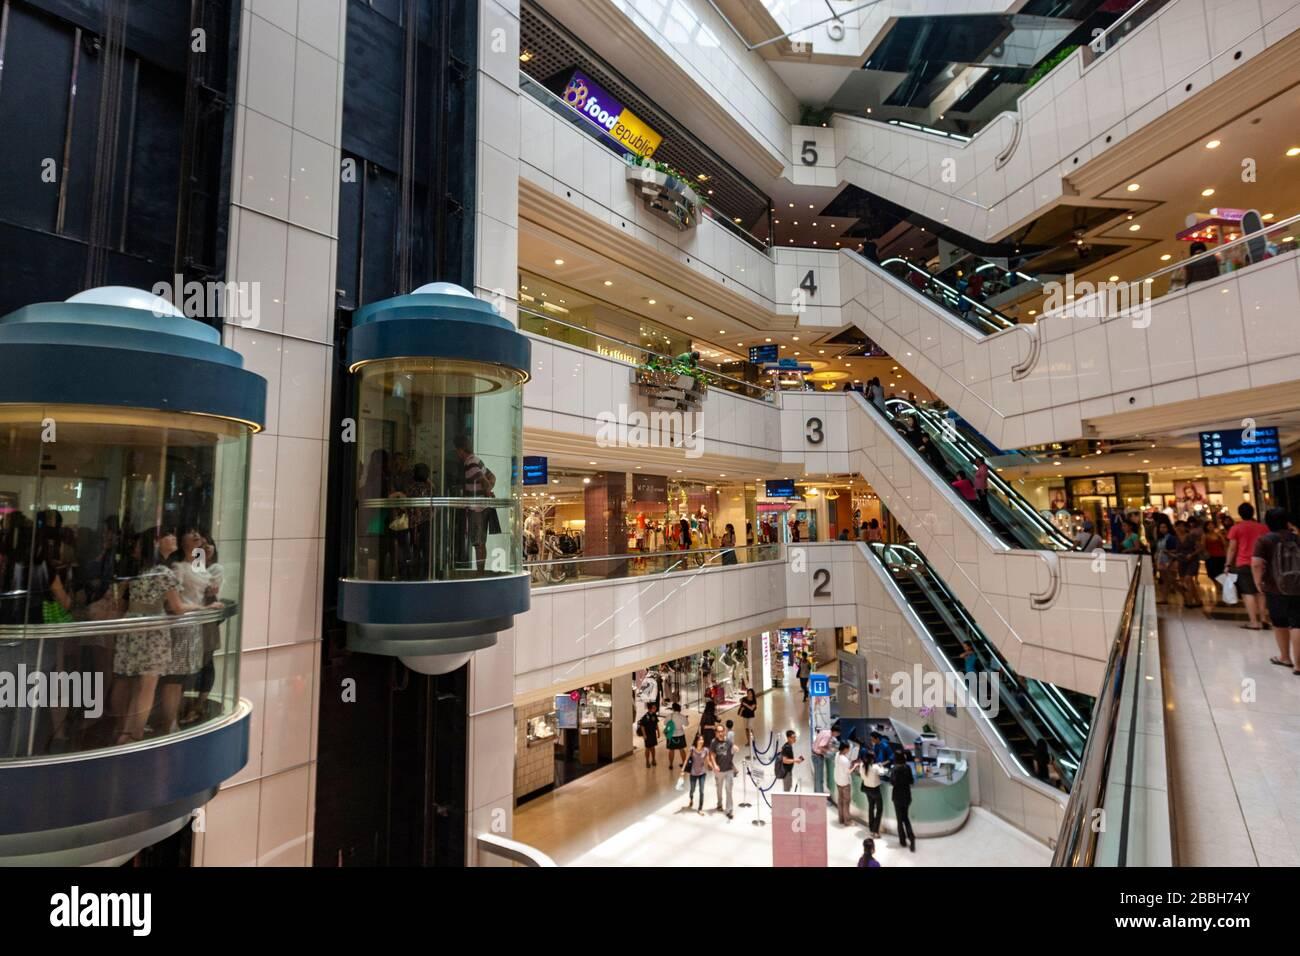 Wisma Atria Shopping Mall, Shopping